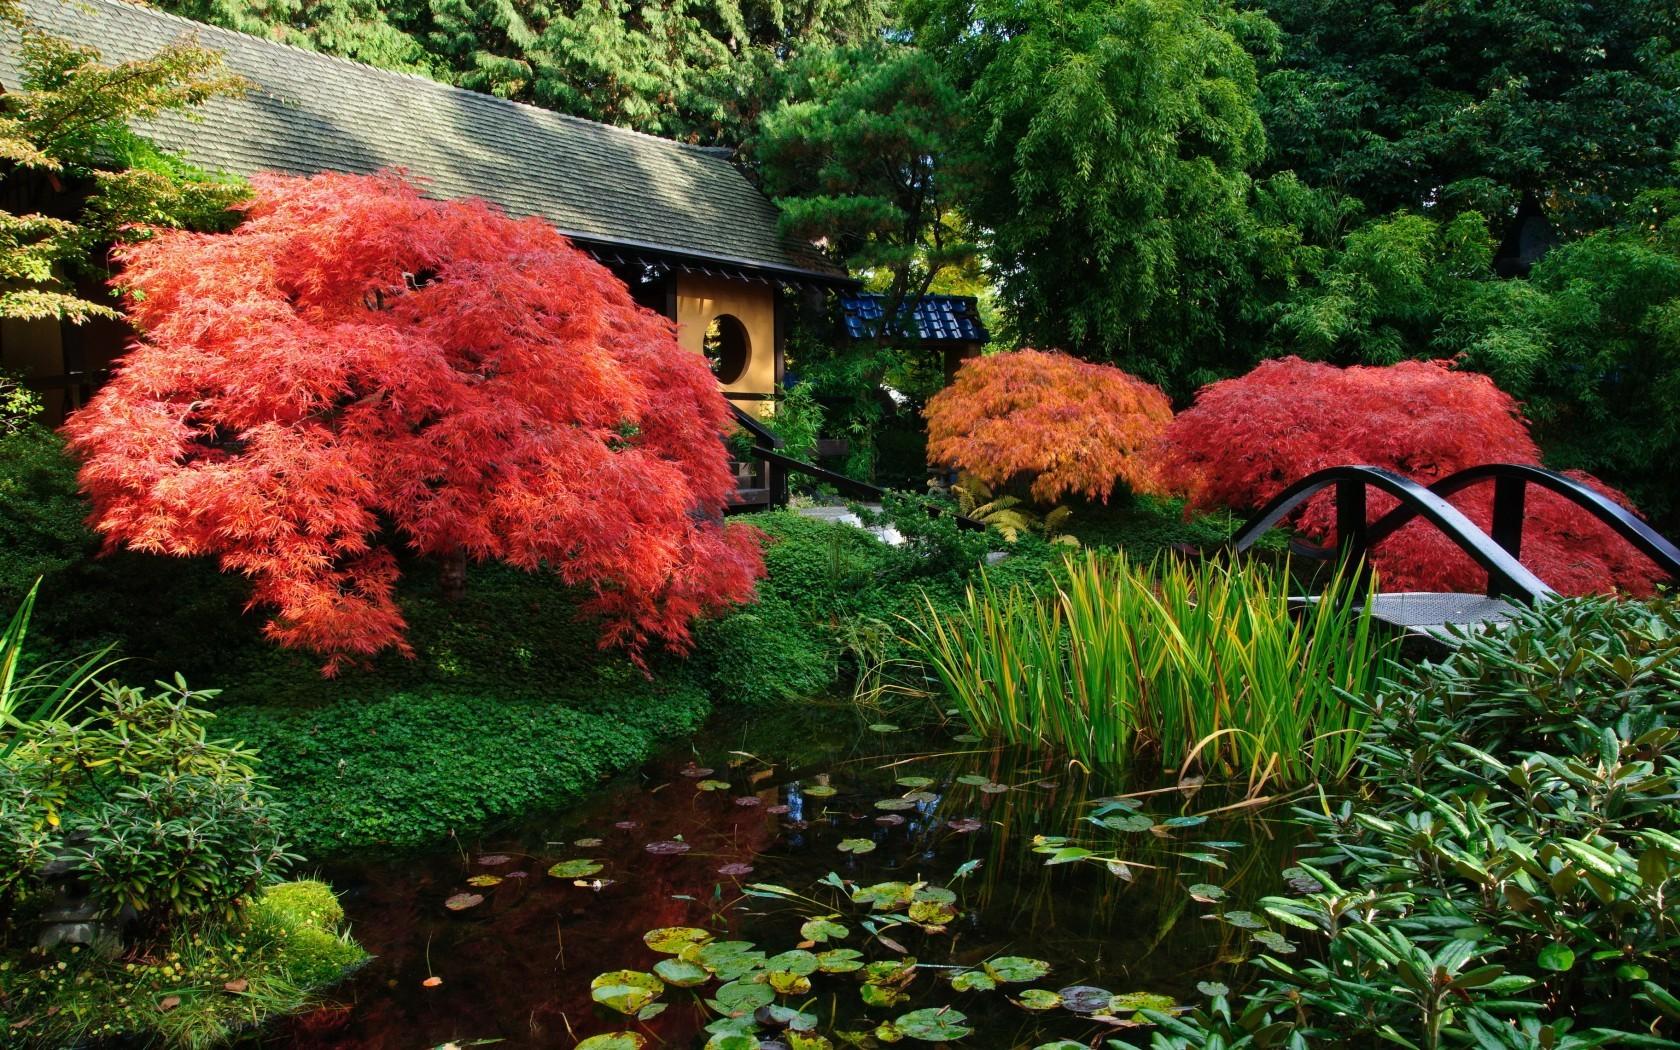 Растения берега должны иметь красивое цветение, фактурные листья разных тонов (вахта трехлистная, ирис сибирский, лилейник малый).